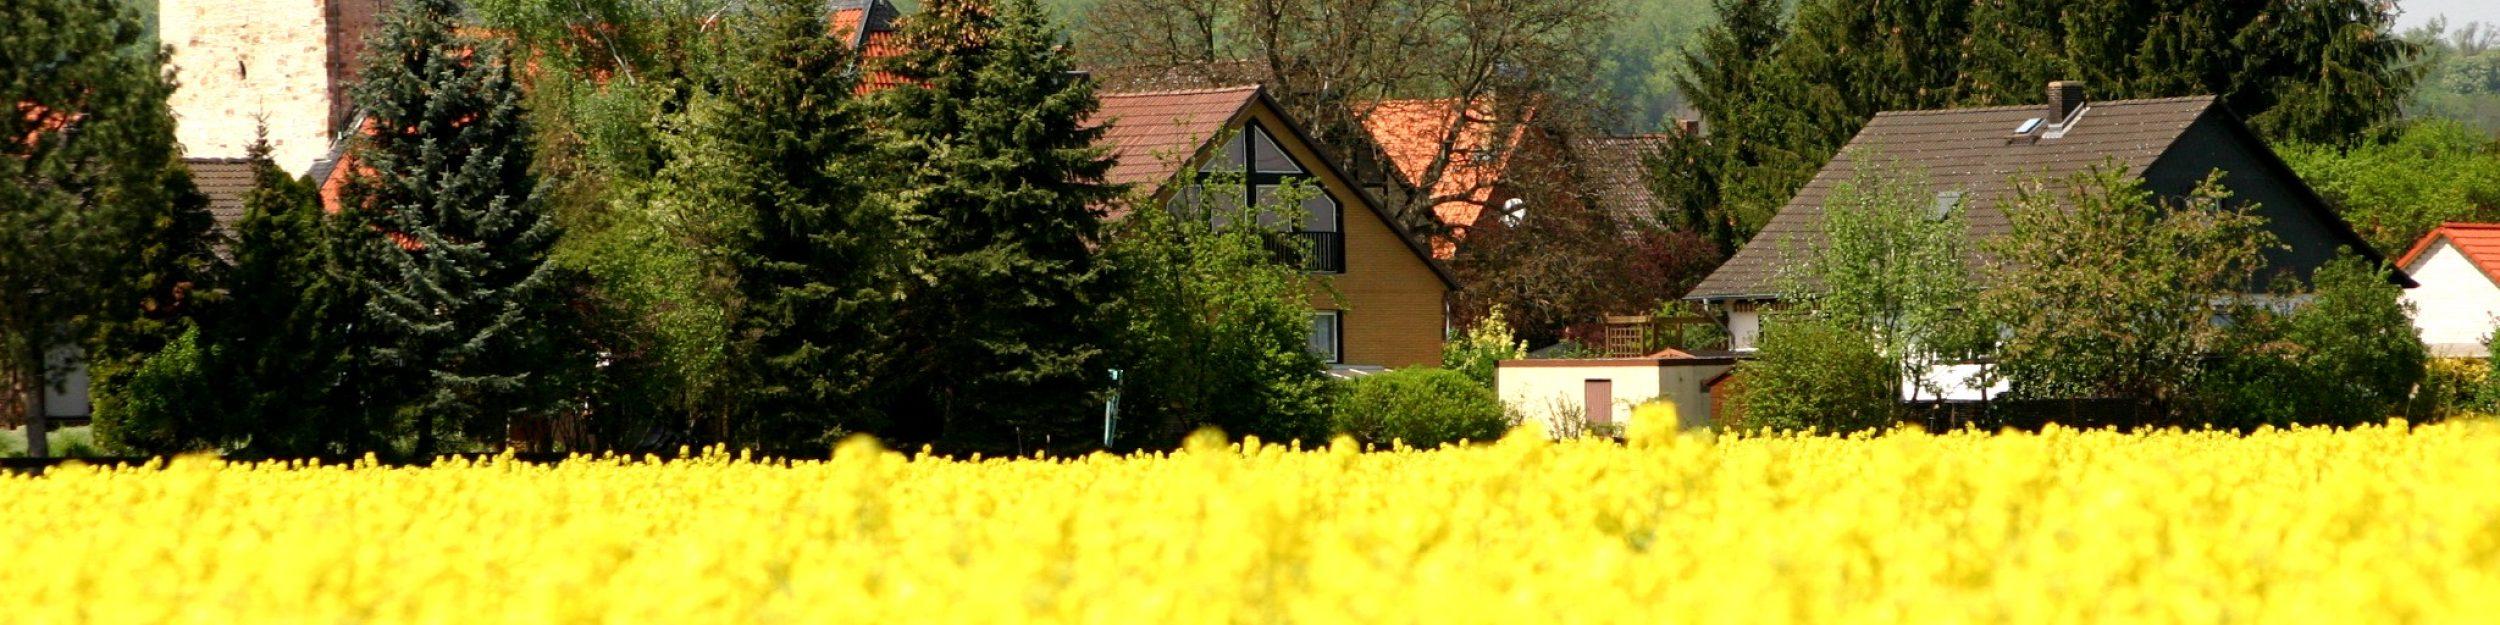 Dorstadt